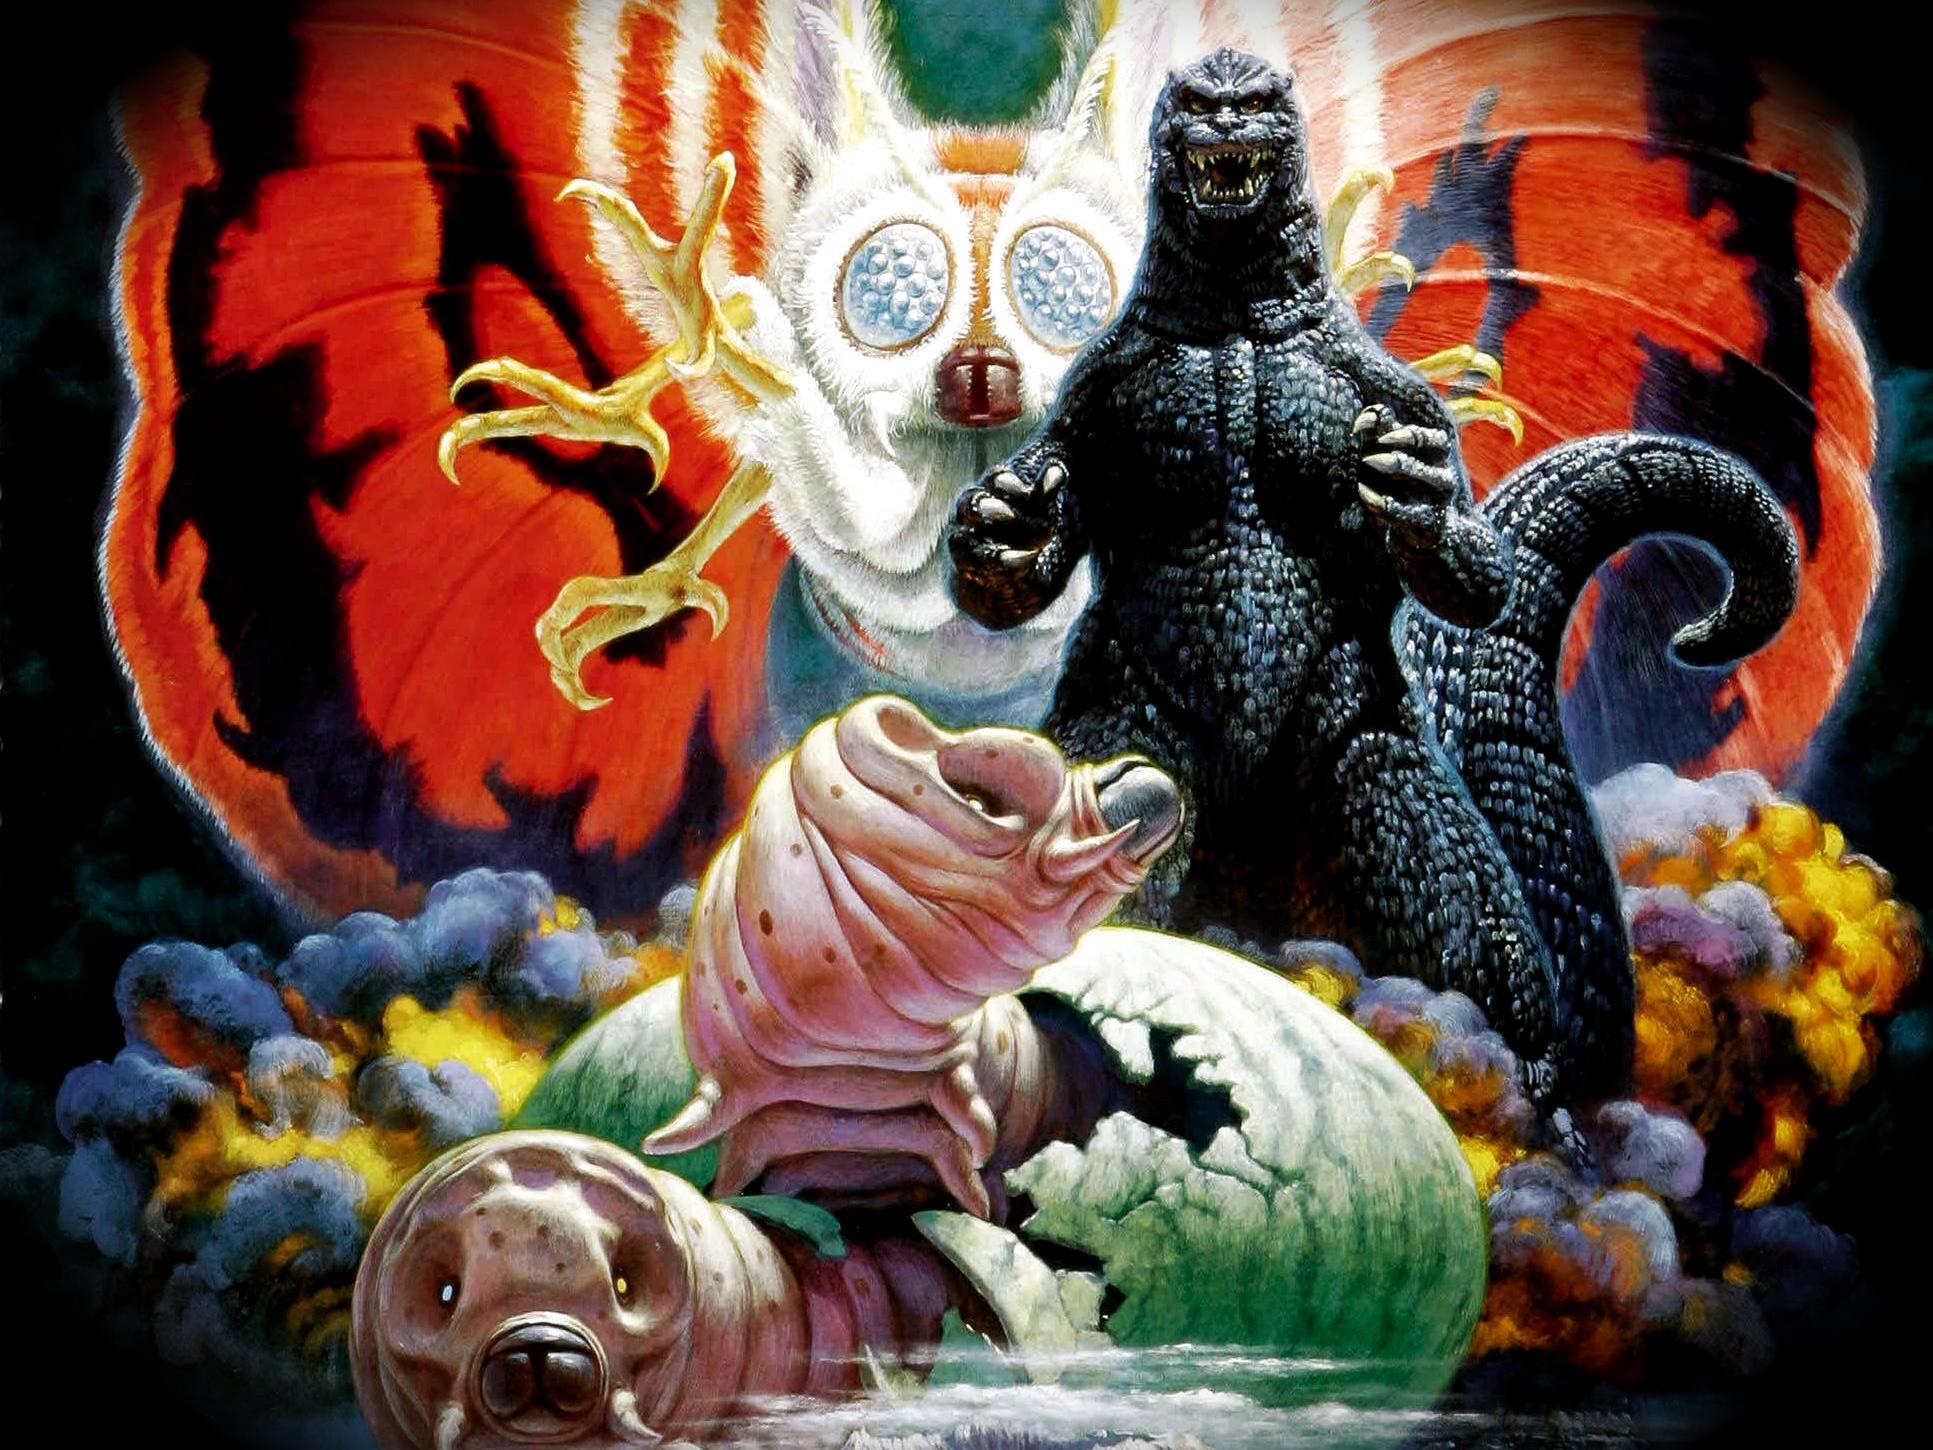 wallpaper godzilla monster dinosaur - photo #33